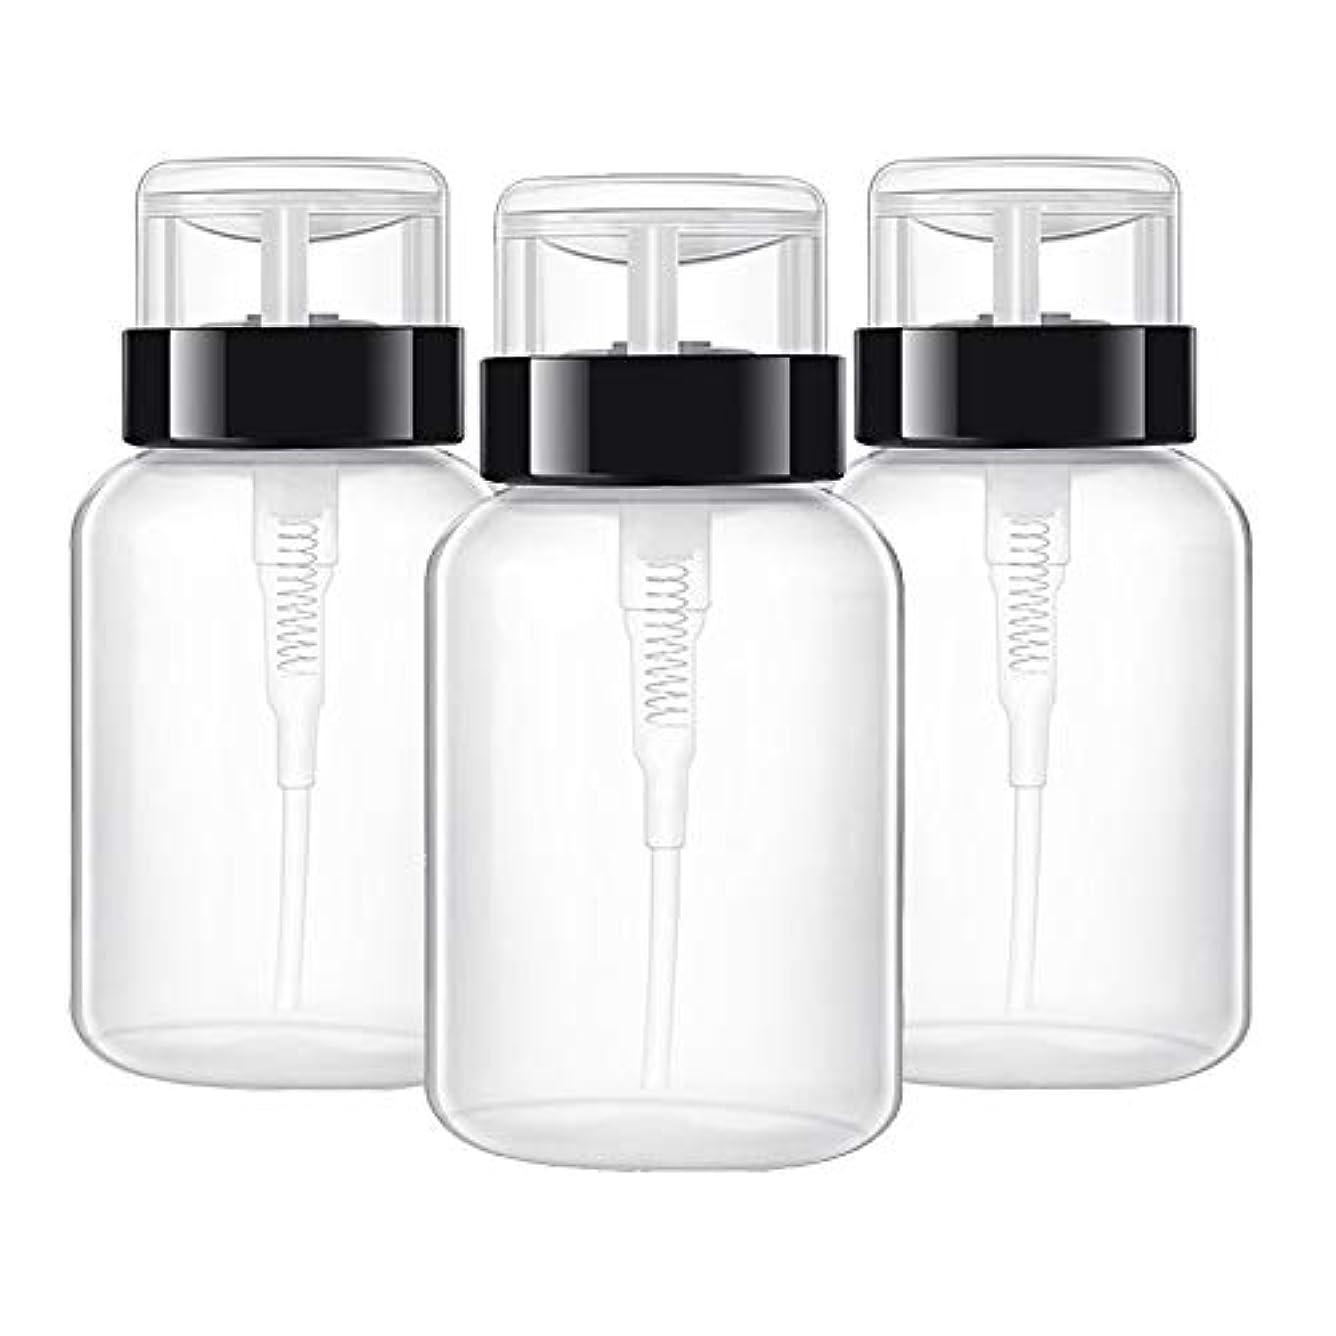 はっきりと自殺普通のマニキュアツールツール 空ポンプ ボトル ネイルクリーナーボトル ポンプディスペンサー ジェルクリーナー 200ミリリットル 3ピース